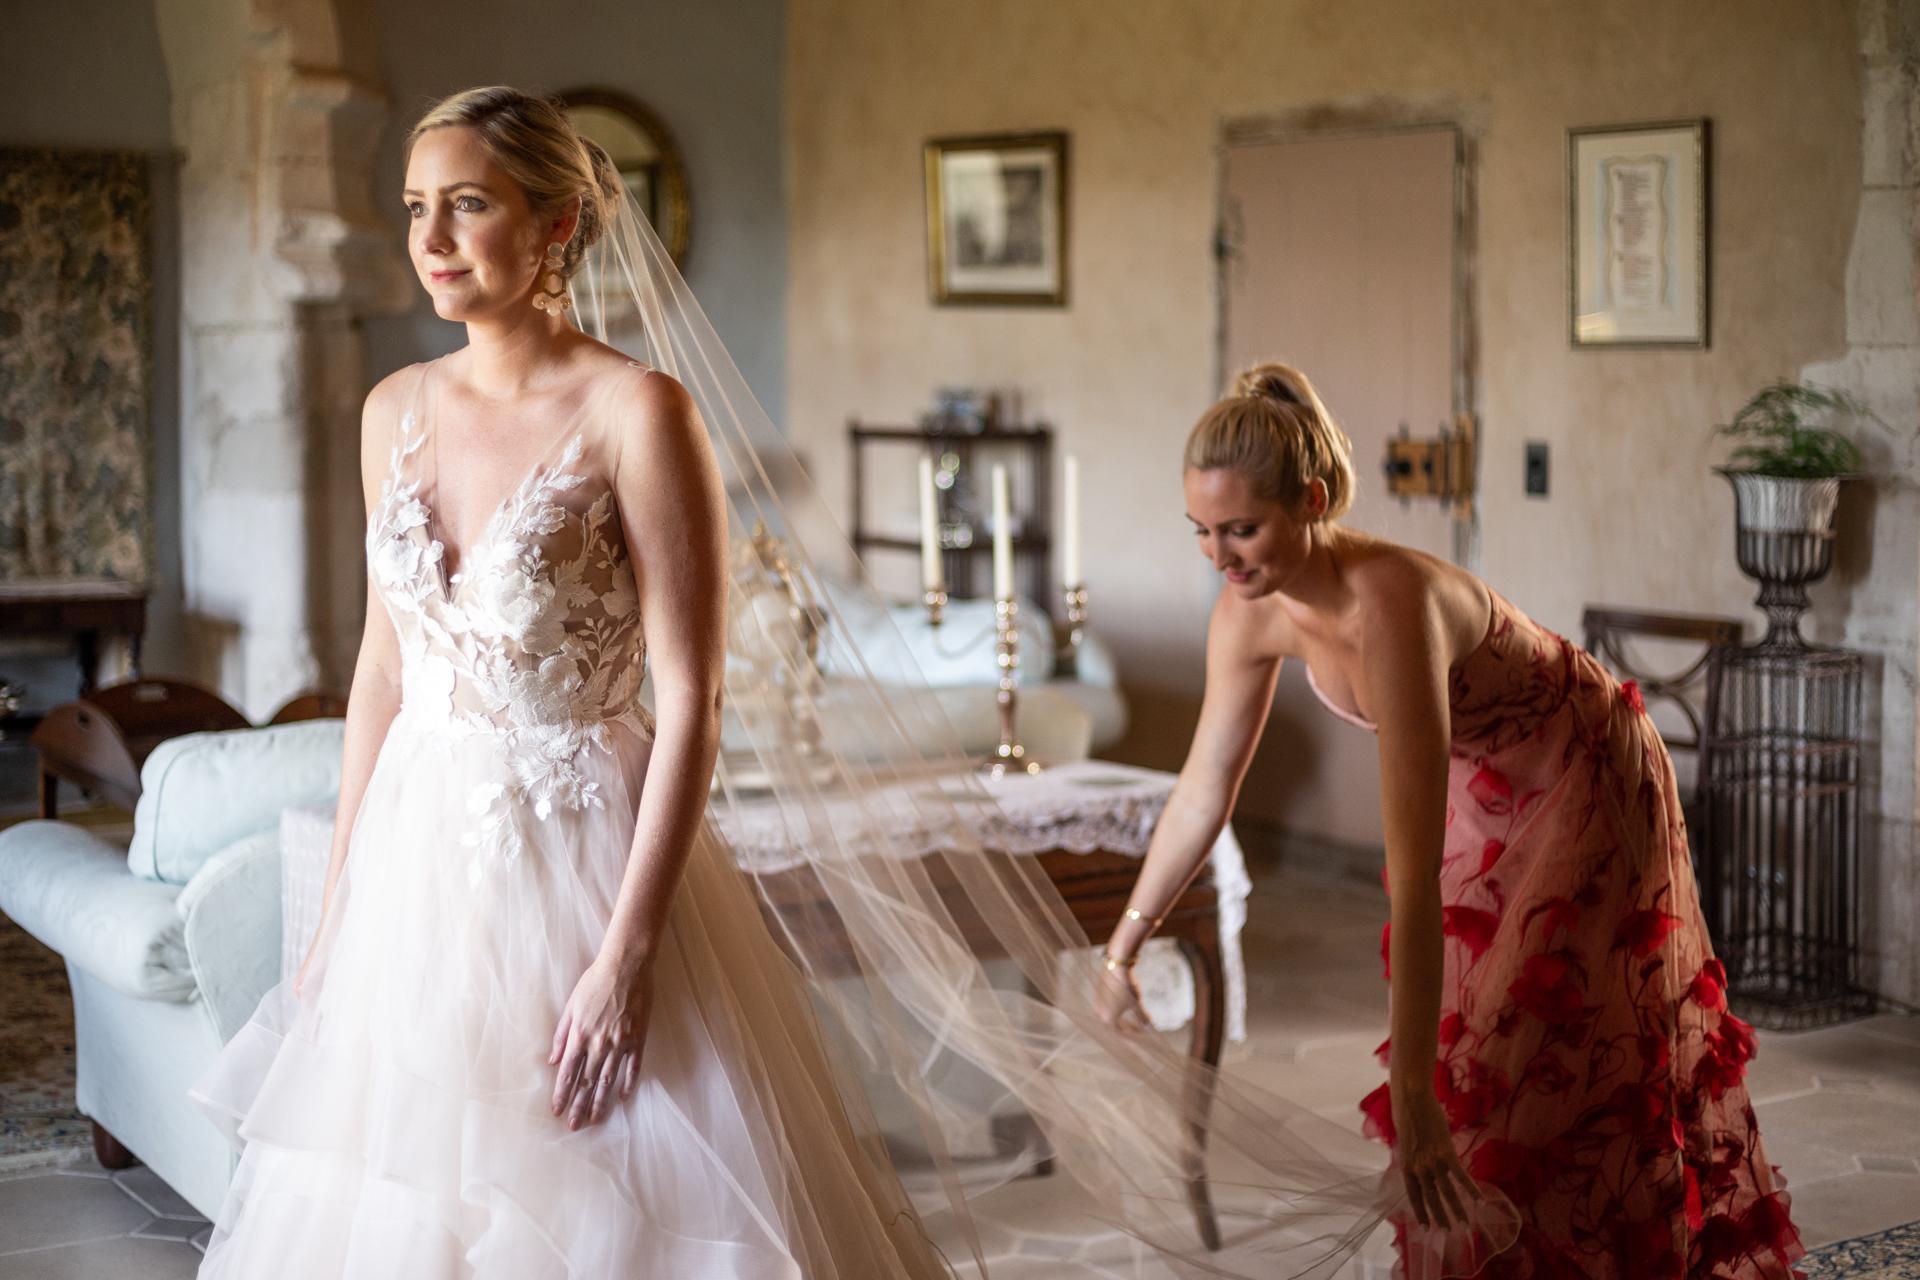 Photo de mariage mariée de Chateau de Brametourte | La soeur de la mariée l'a aidée à se préparer